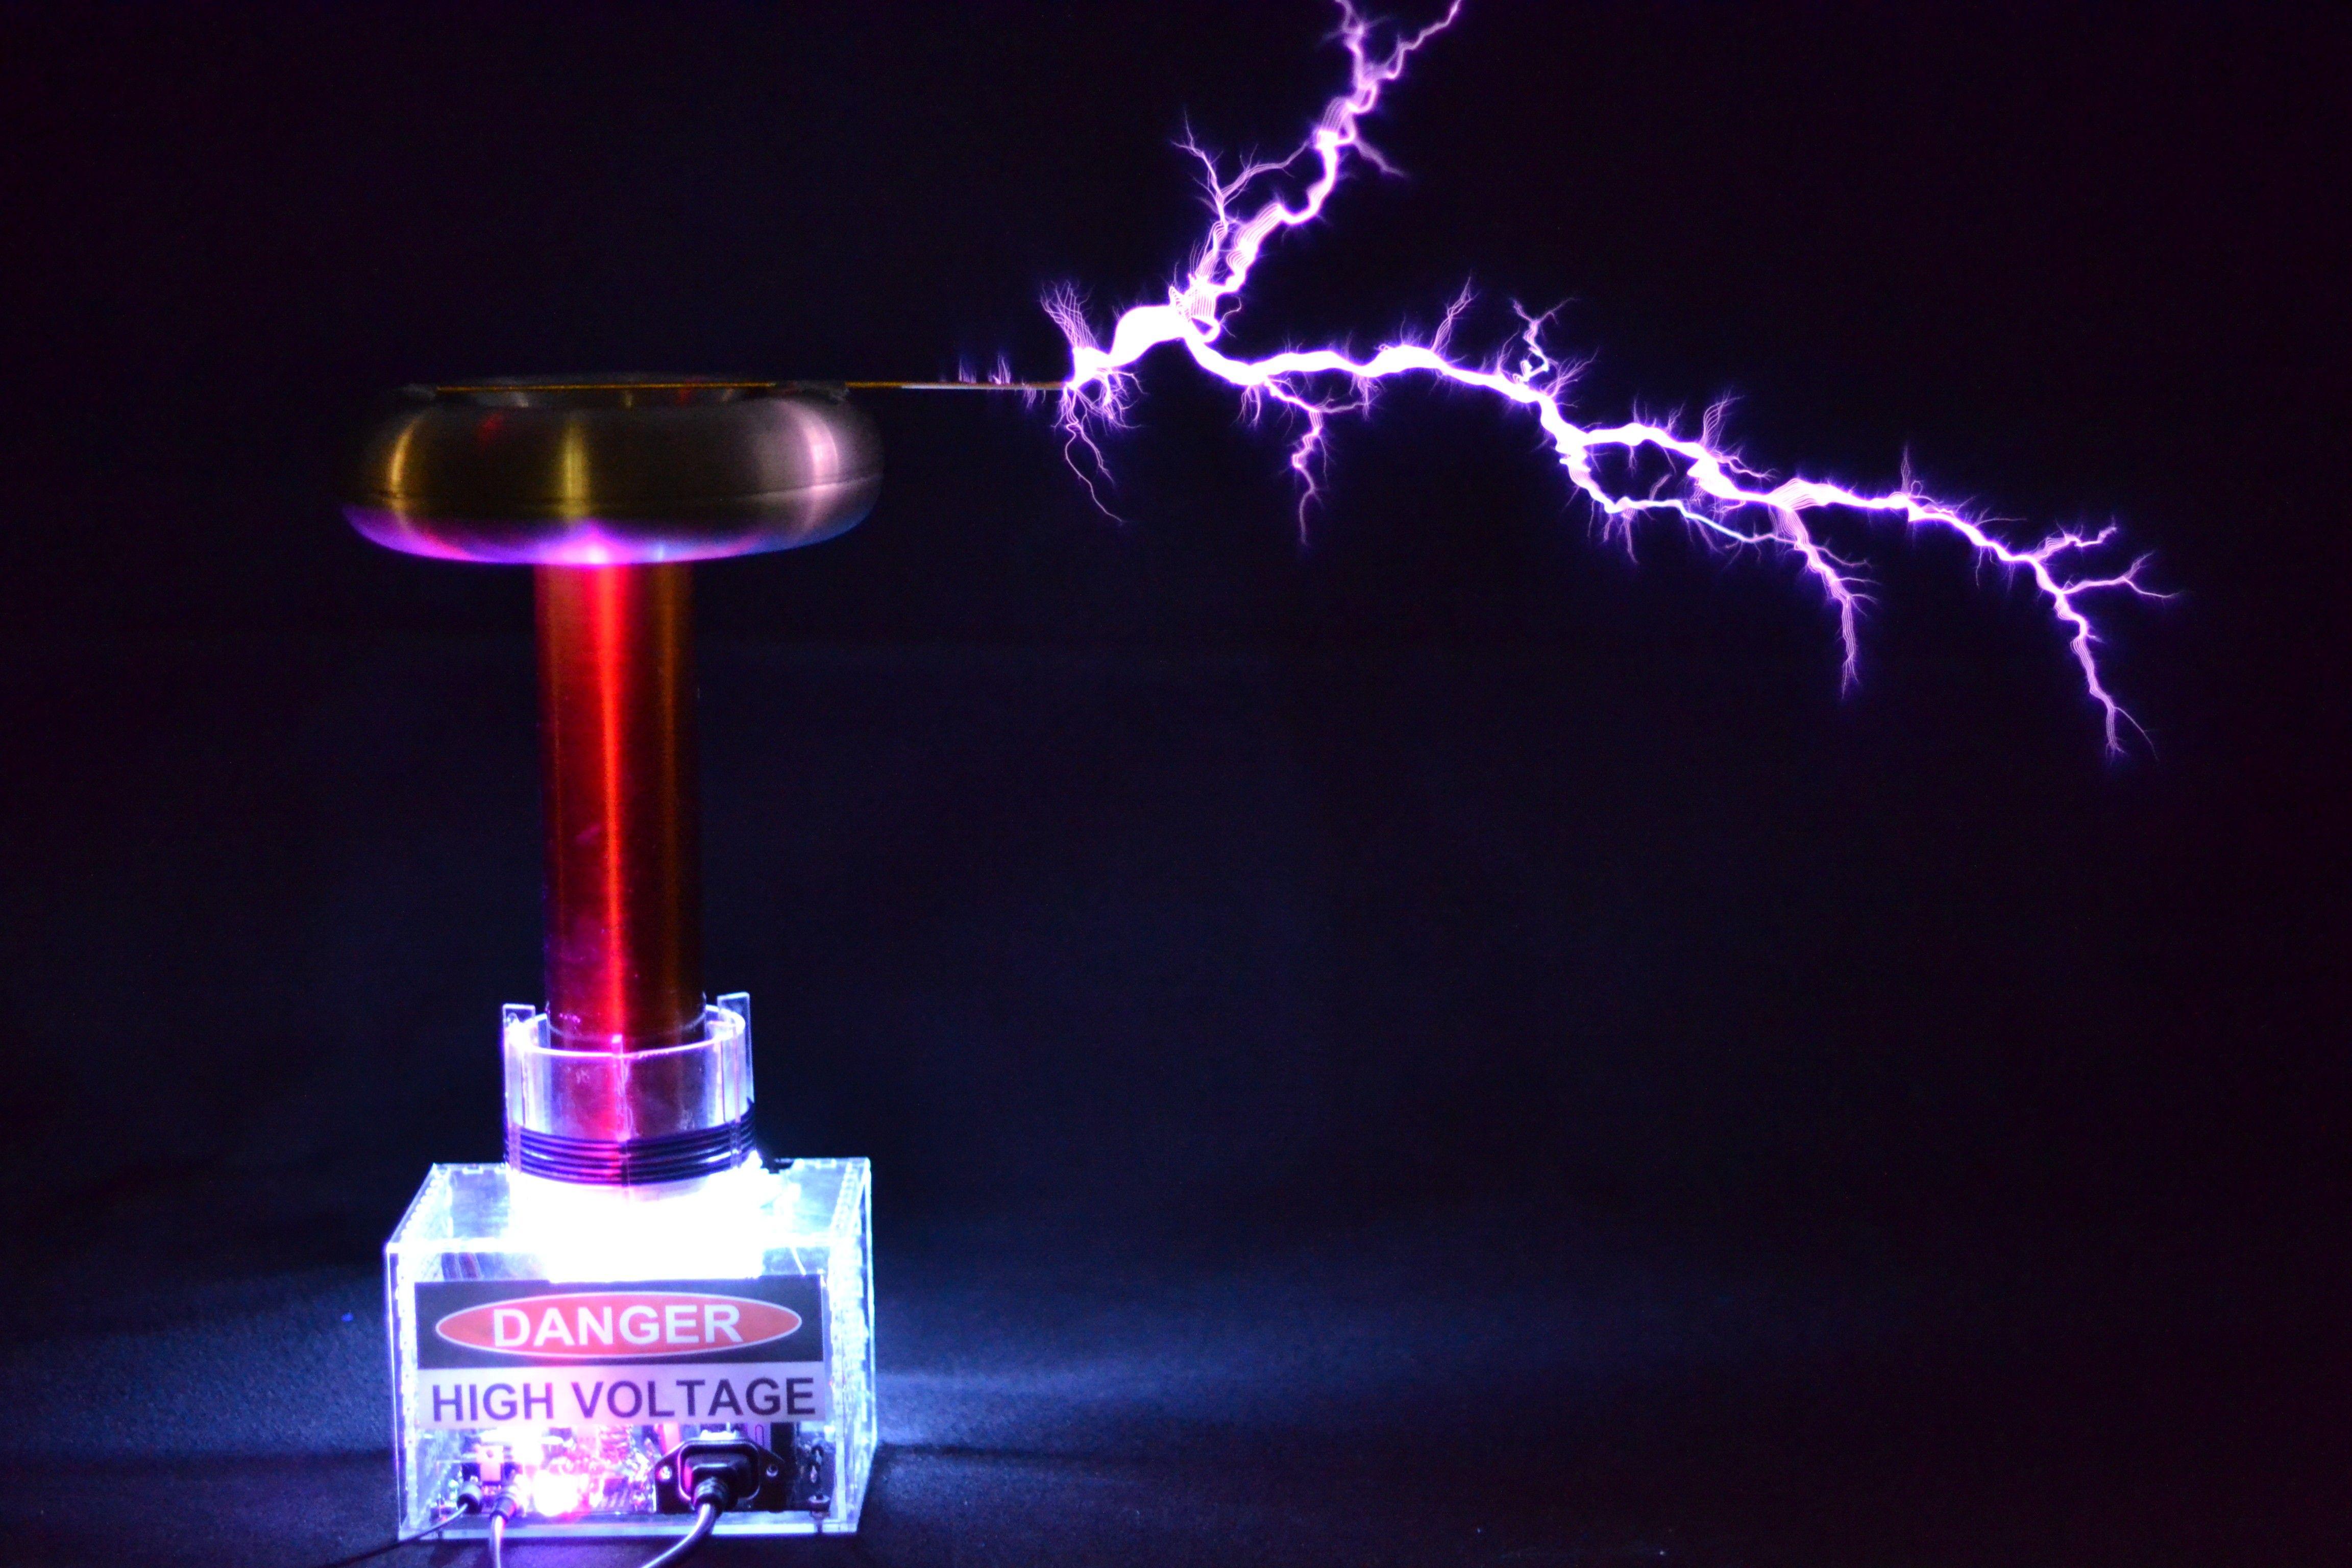 только паспарту фотографирование электрических разрядов в темноте третьей кто-то как